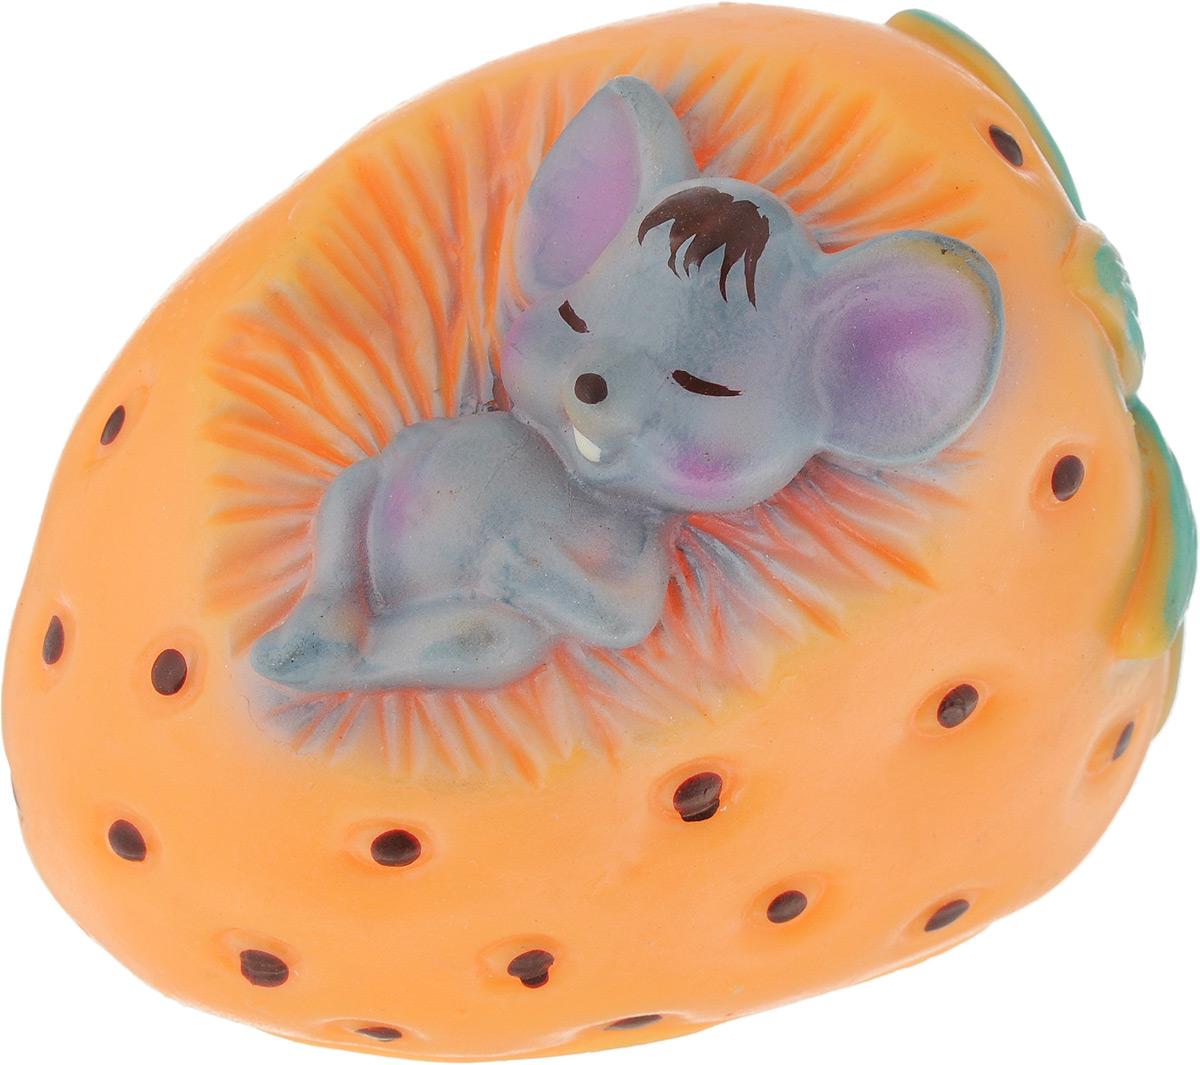 Игрушка для собак Зооник Мышь в клубнике, цвет: оранжевый, серый, зеленый, 7,5 х 10 х 11 см164100_оранжевый, серый, зеленыйИгрушка для собак Зооник Мышь в клубнике, выполненная из резины, отличается оригинальным дизайном. Высококачественный материал игрушки поможет ей прослужить дольше. Рельефная поверхность игрушки массирует десны, что способствует профилактике заболеваний полости рта. Игрушка оснащена пищалкой, что вызовет дополнительный интерес вашего питомца. Такая игрушка порадует вашего любимца, а вам доставит массу приятных эмоций, ведь наблюдать за игрой всегда интересно и приятно. Размер игрушки: 7,5 х 10 х 11 см.